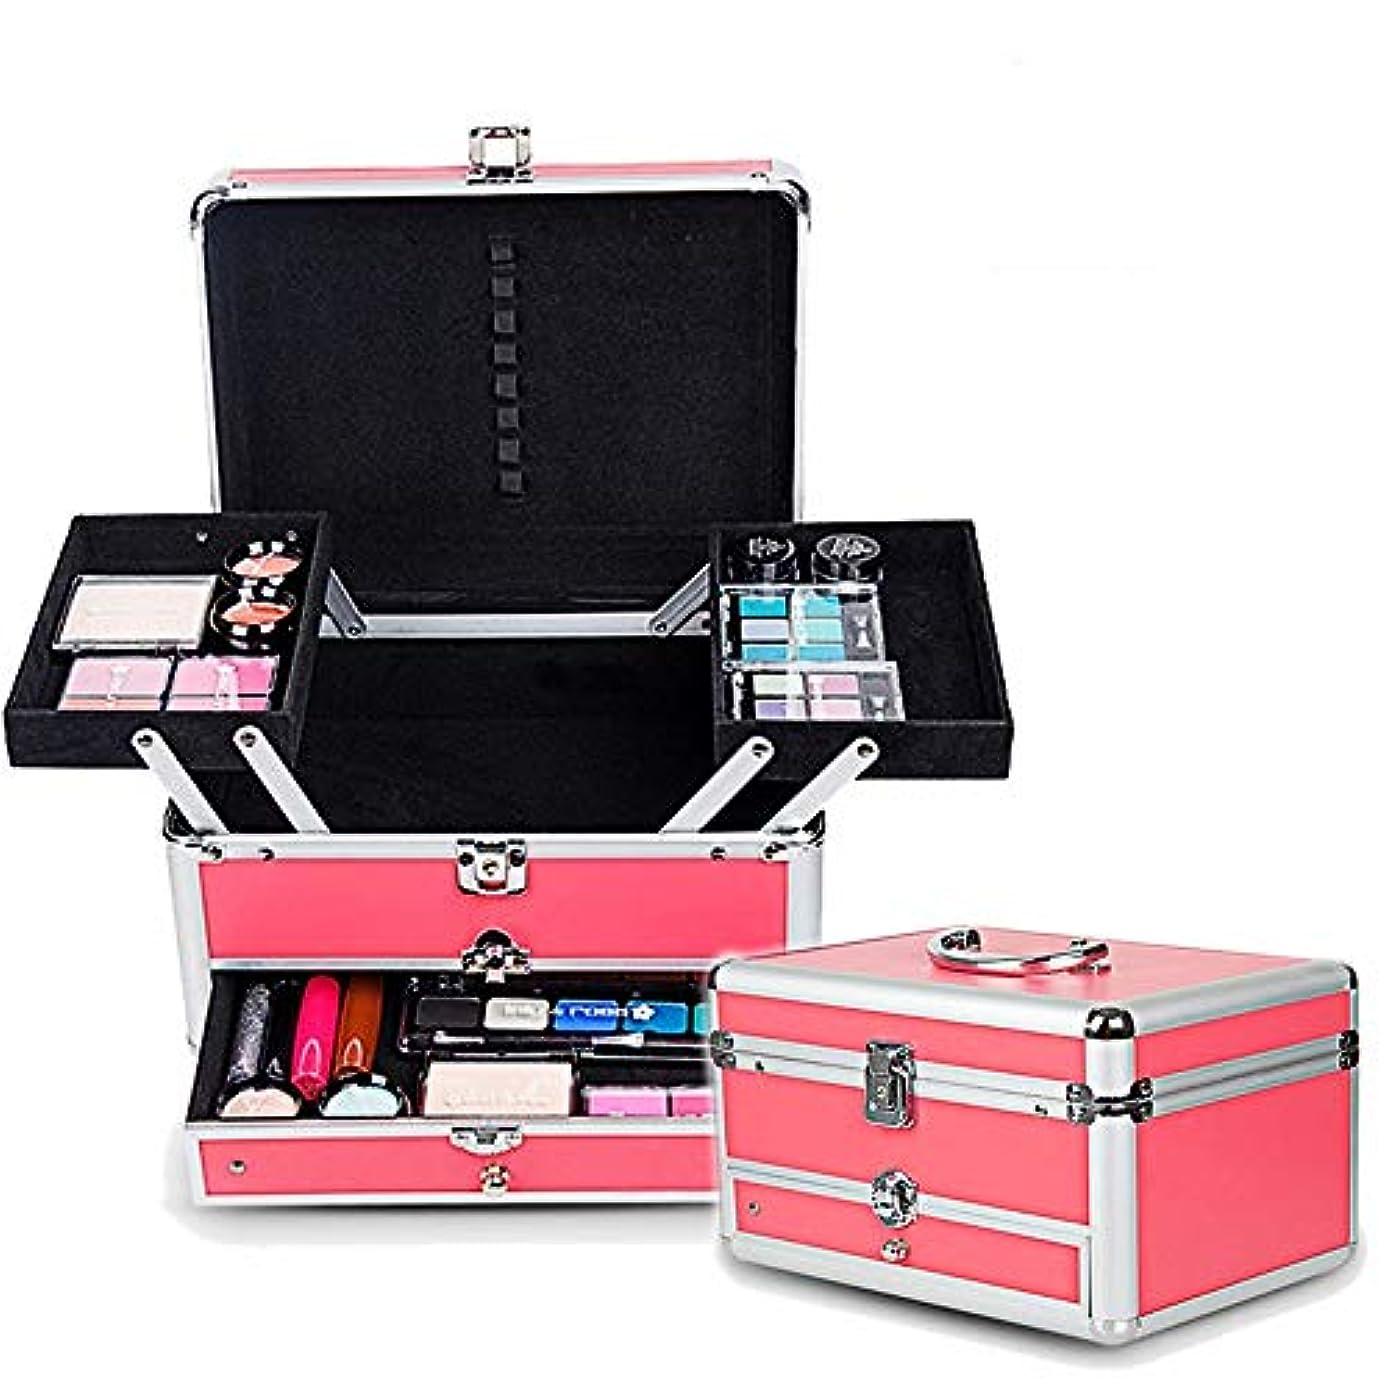 虚栄心パッドウッズ特大スペース収納ビューティーボックス 女の子の女性旅行のための新しく、実用的な携帯用化粧箱およびロックおよび皿が付いている毎日の貯蔵 化粧品化粧台 (色 : ピンク)